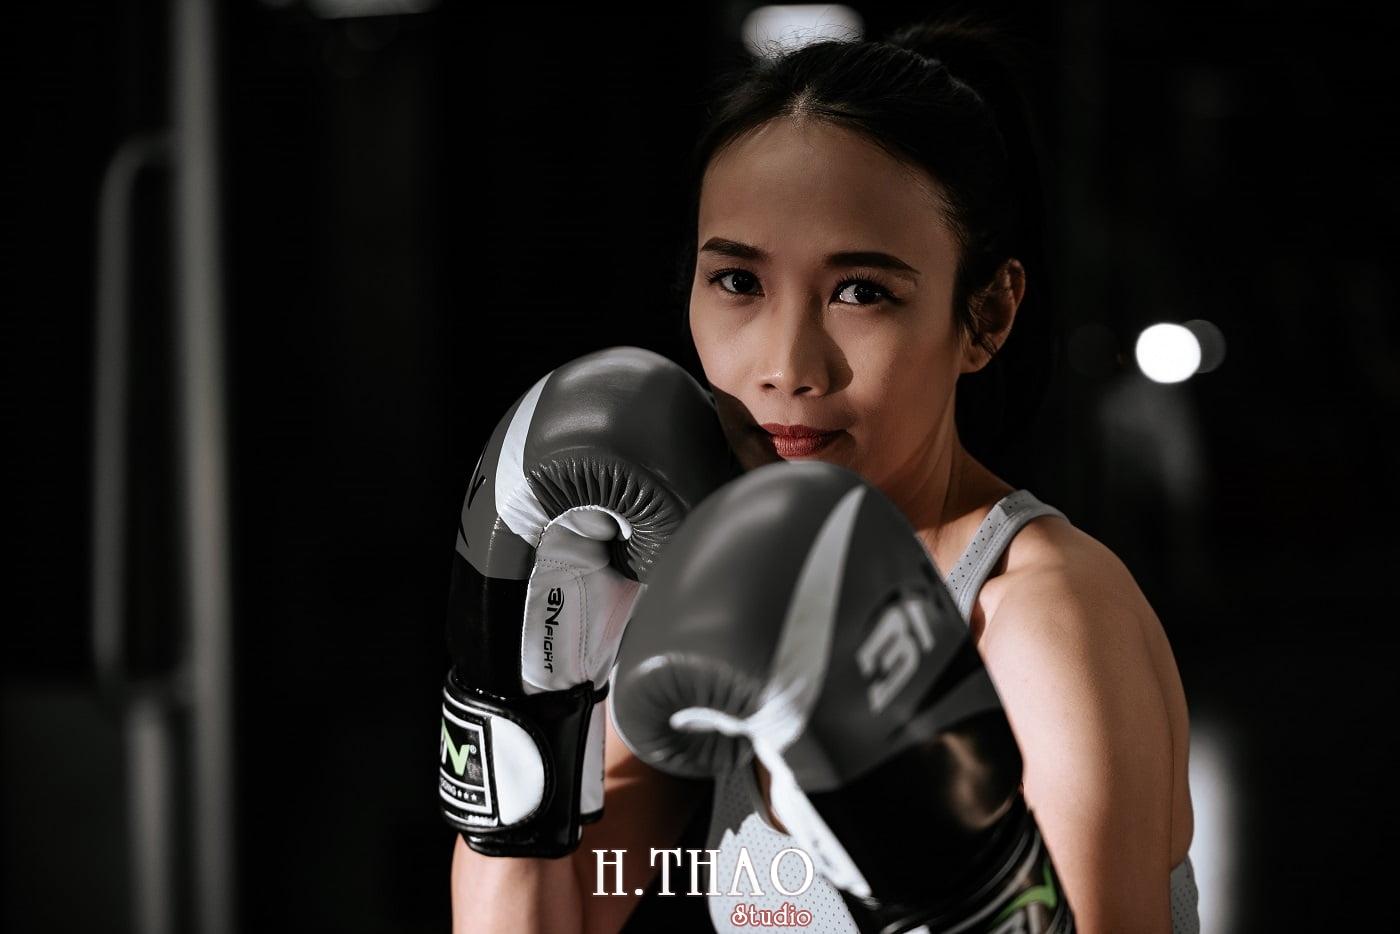 Anh chi Ngoc 35 min - Góc ảnh cô gái mạnh mẽ yêu thích Boxing – HThao Studio